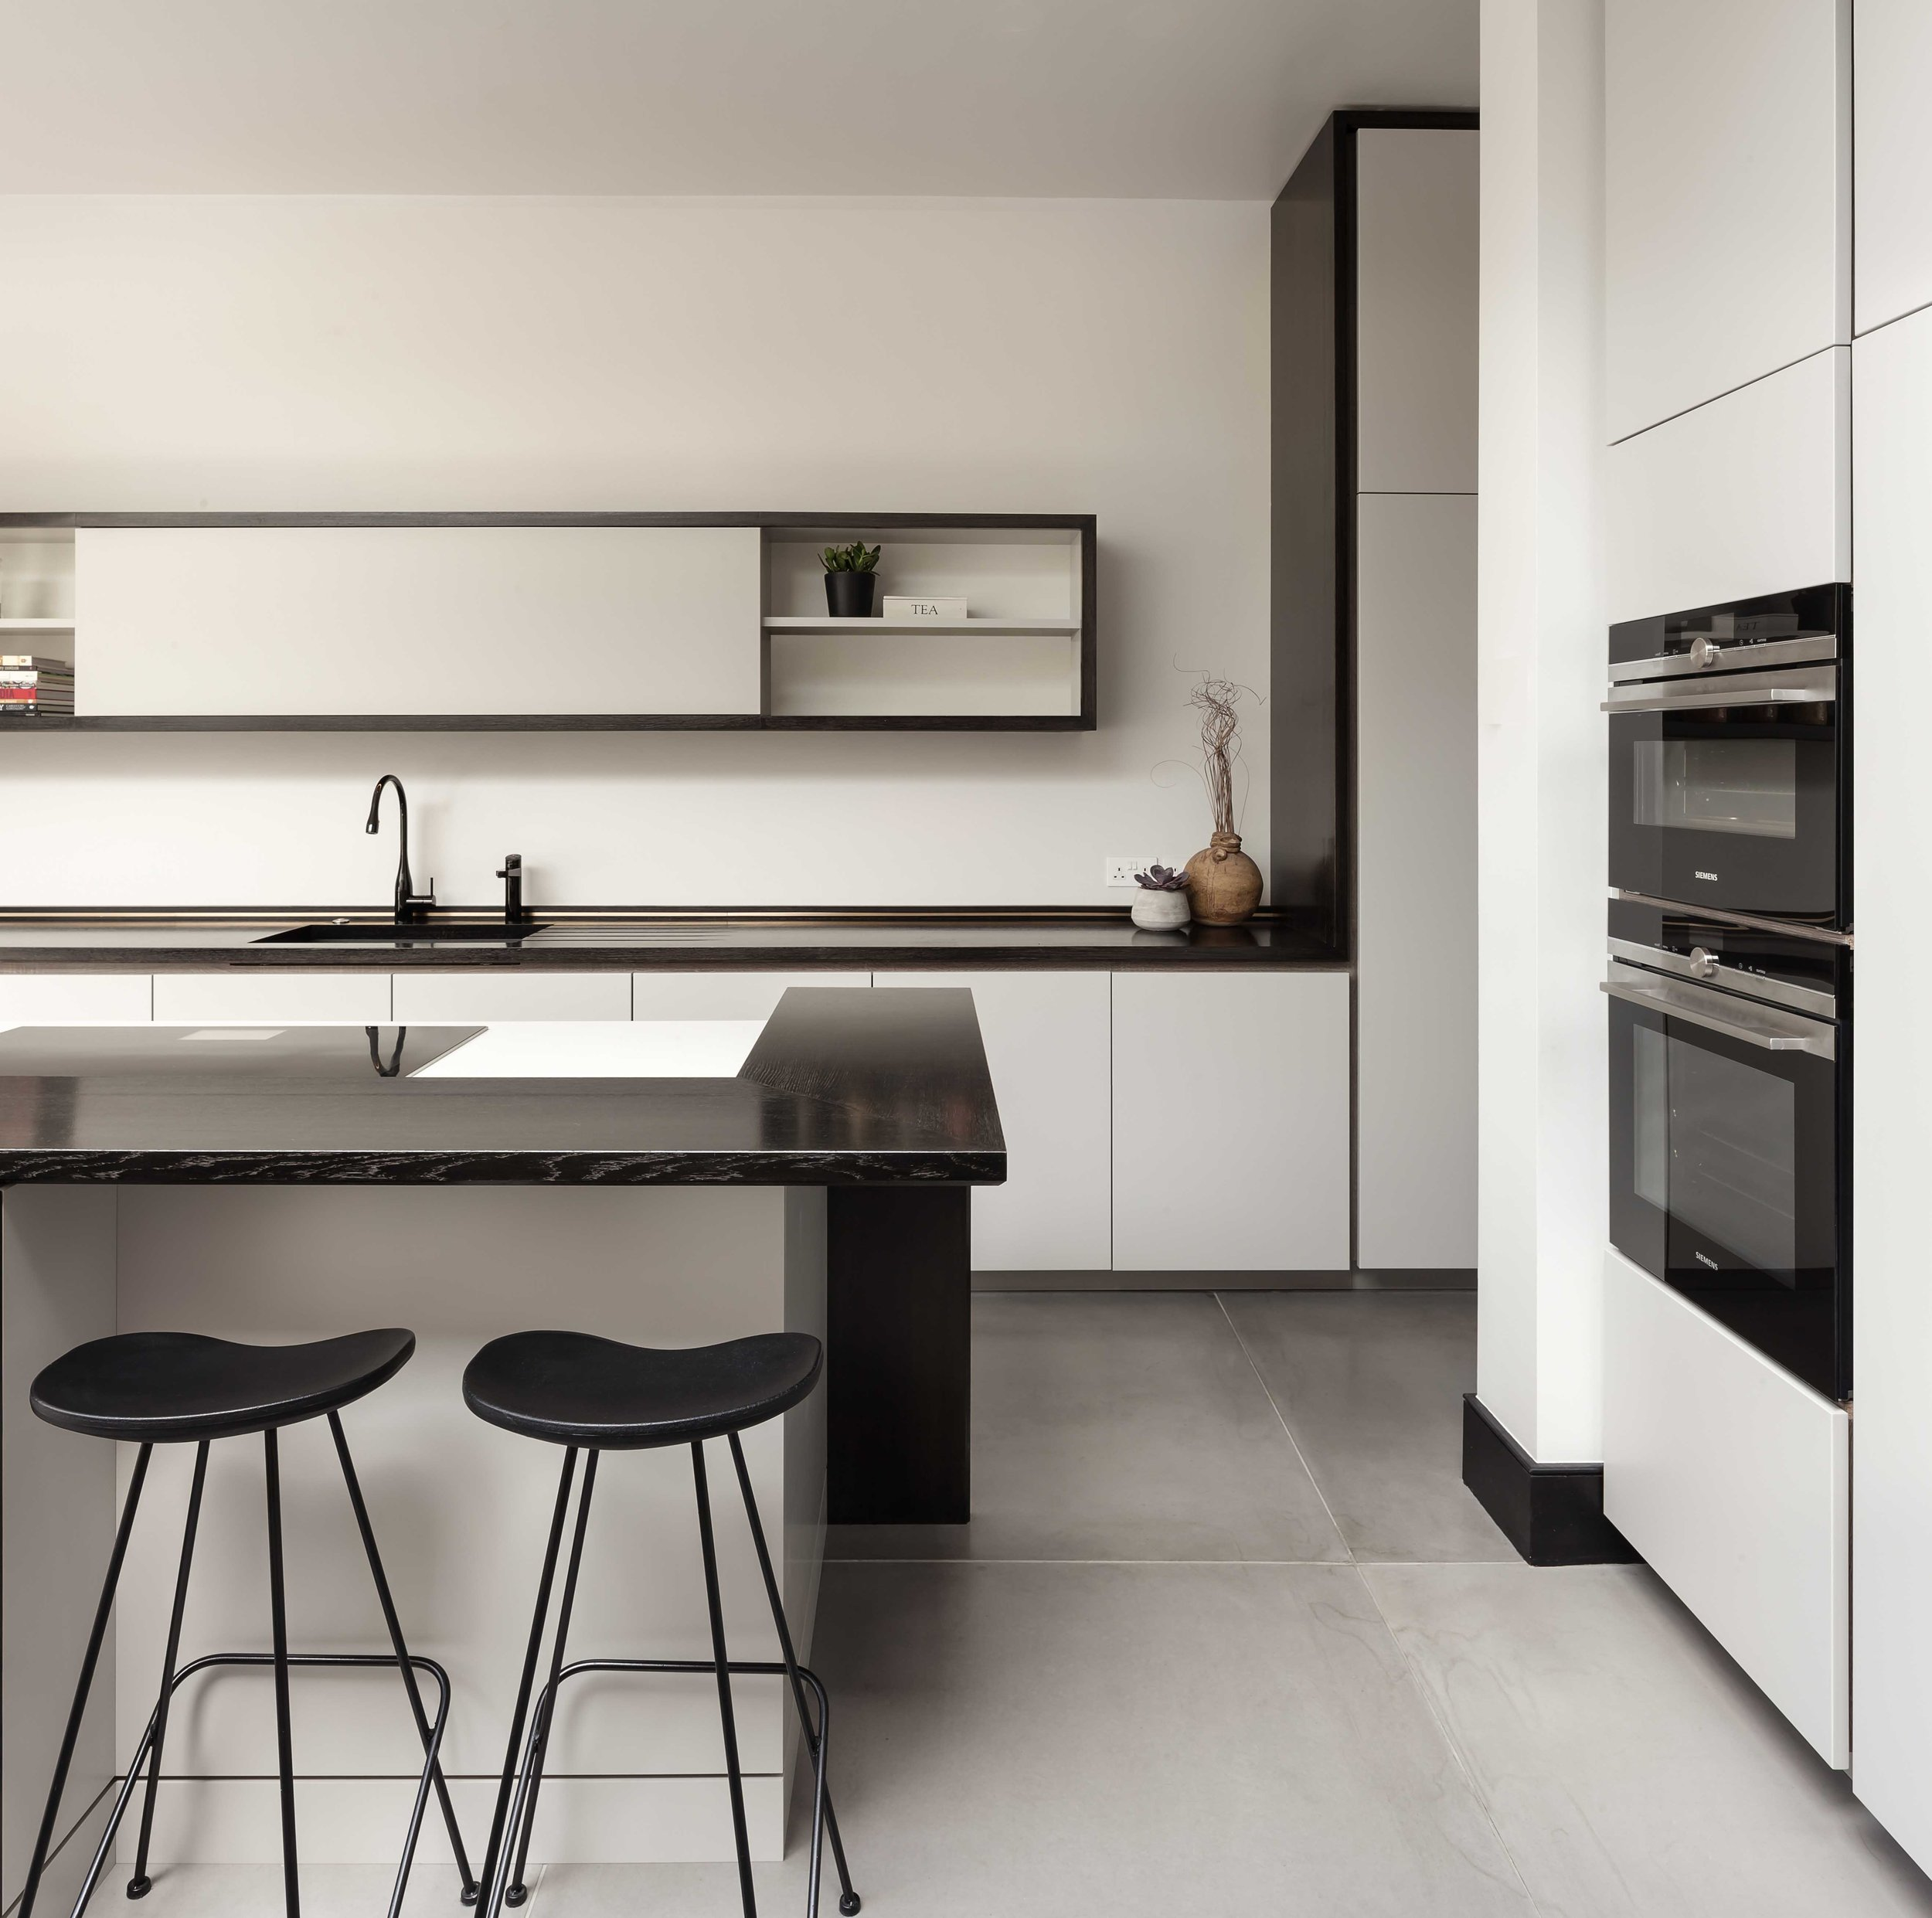 FL_kitchen(front)_web.jpg